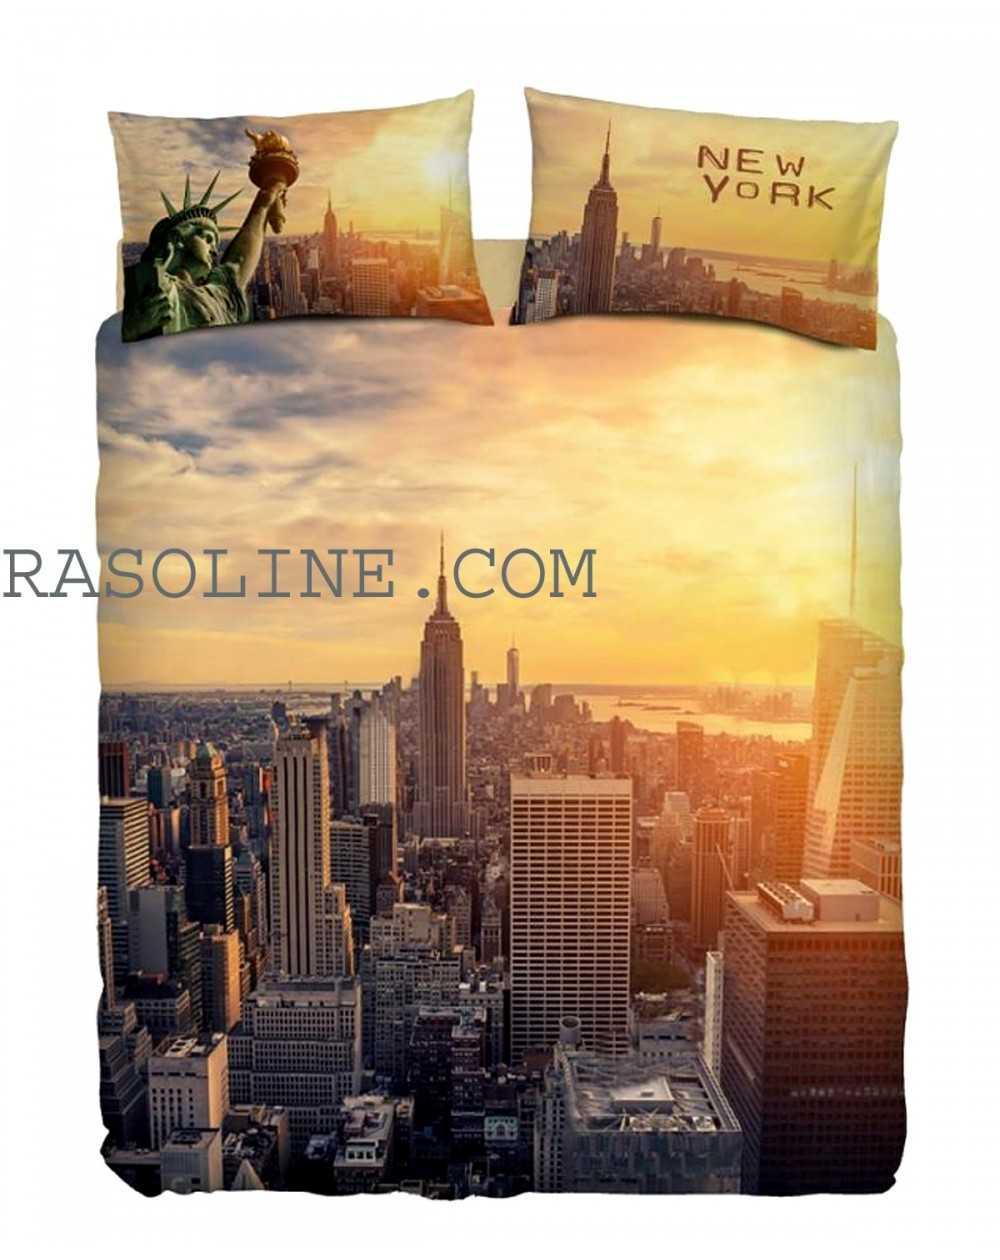 Copripiumino Singolo New York.Funda Nordica Completo Copripiumino Matrimoniale New York By